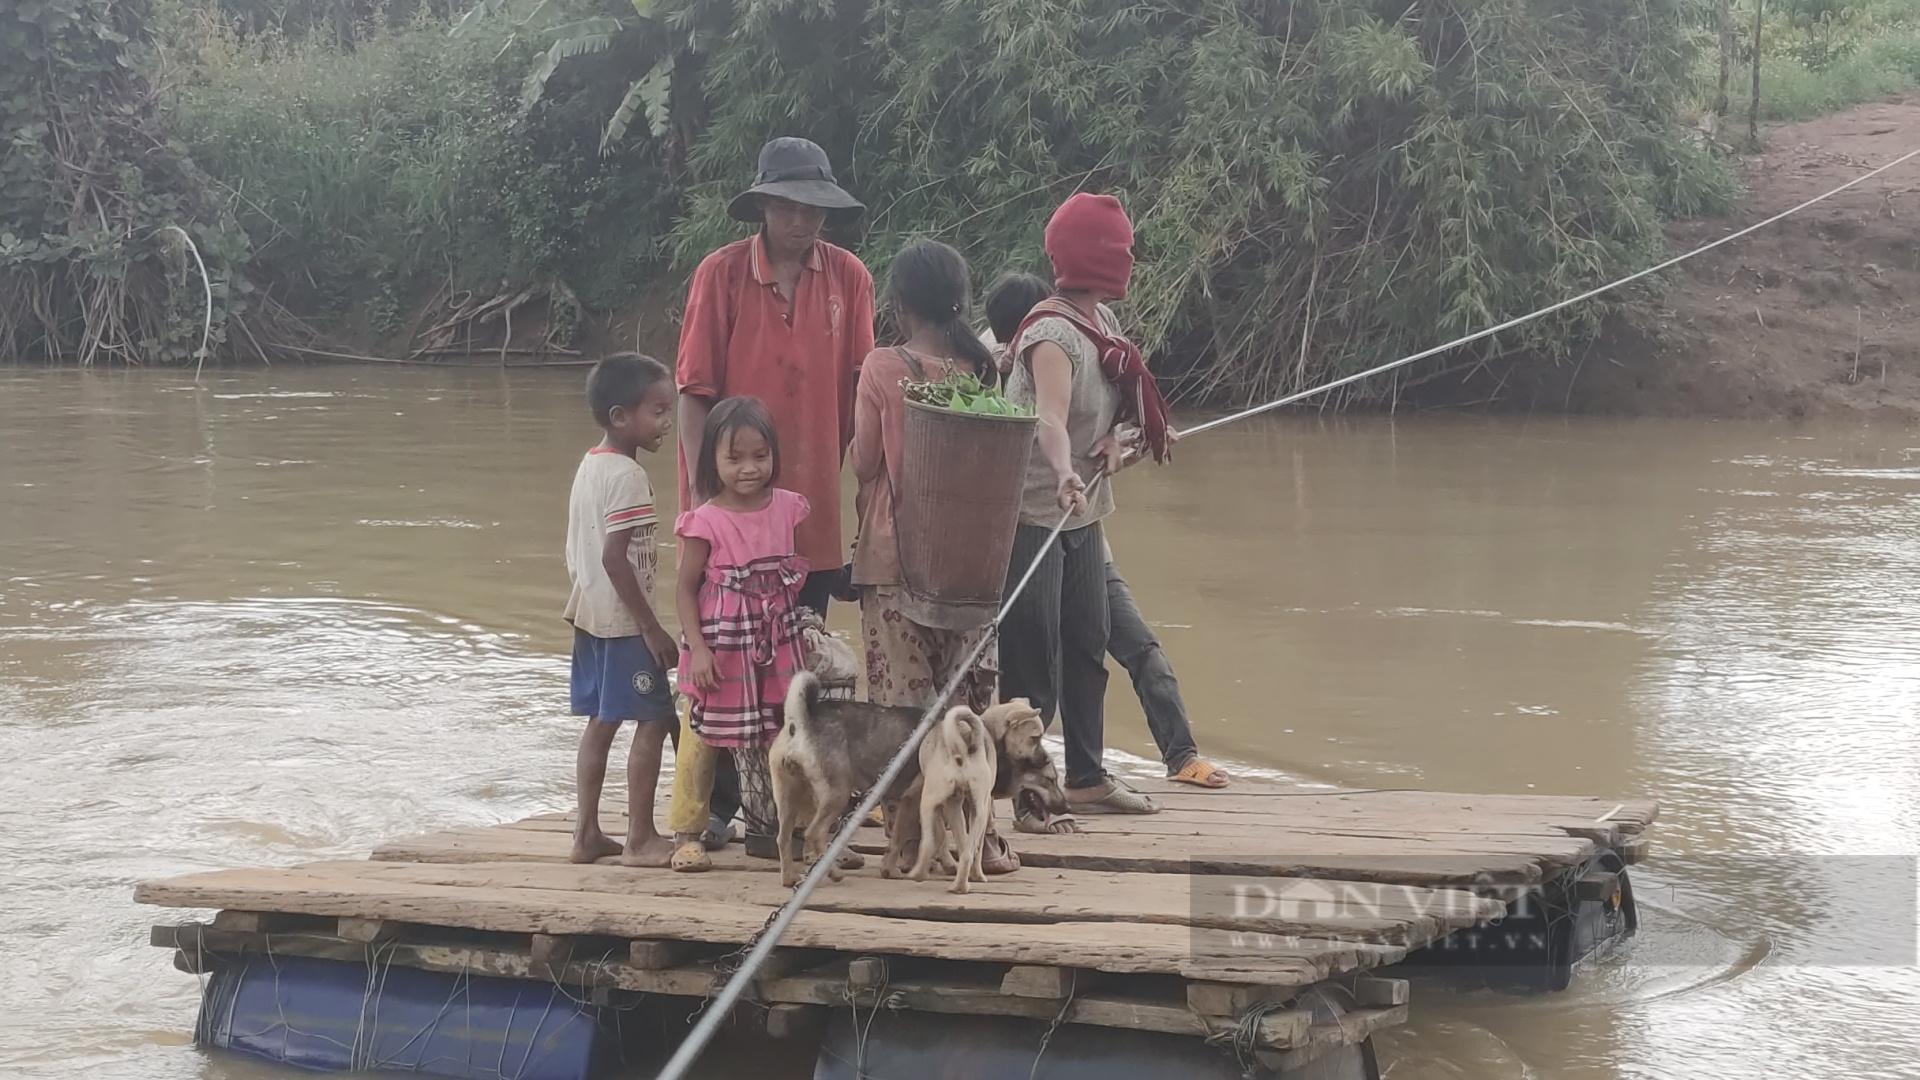 Gia Lai: Người dân liều mình đứng trên bè tạm, kéo dây qua dòng nước xiết - Ảnh 2.